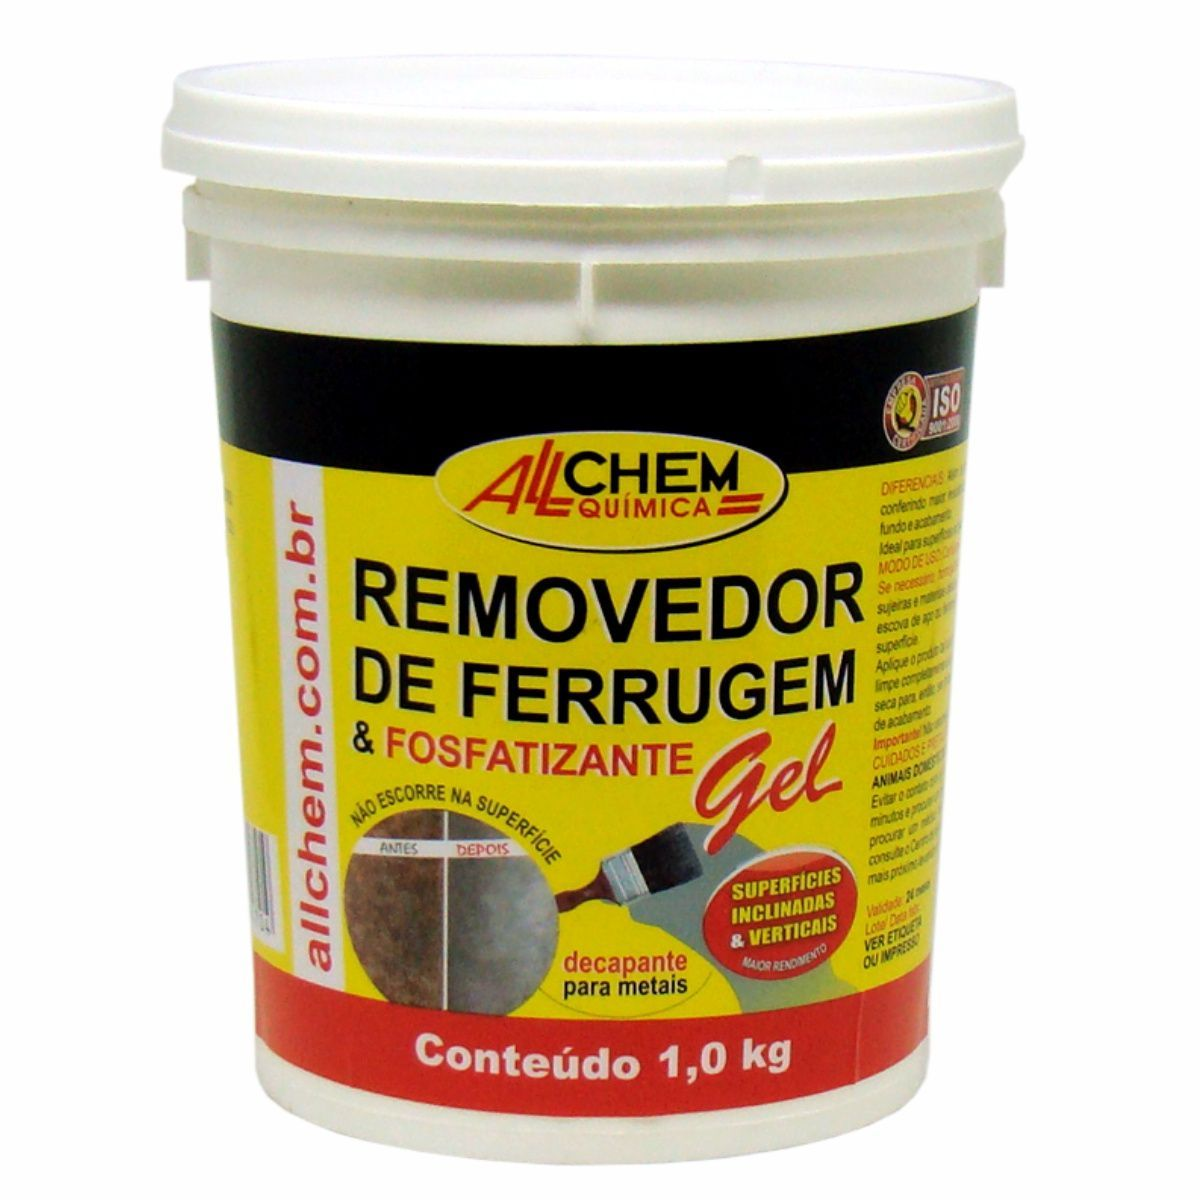 Removedor de Ferrugem e Fosfatizante GEL 4x1,0 Kg